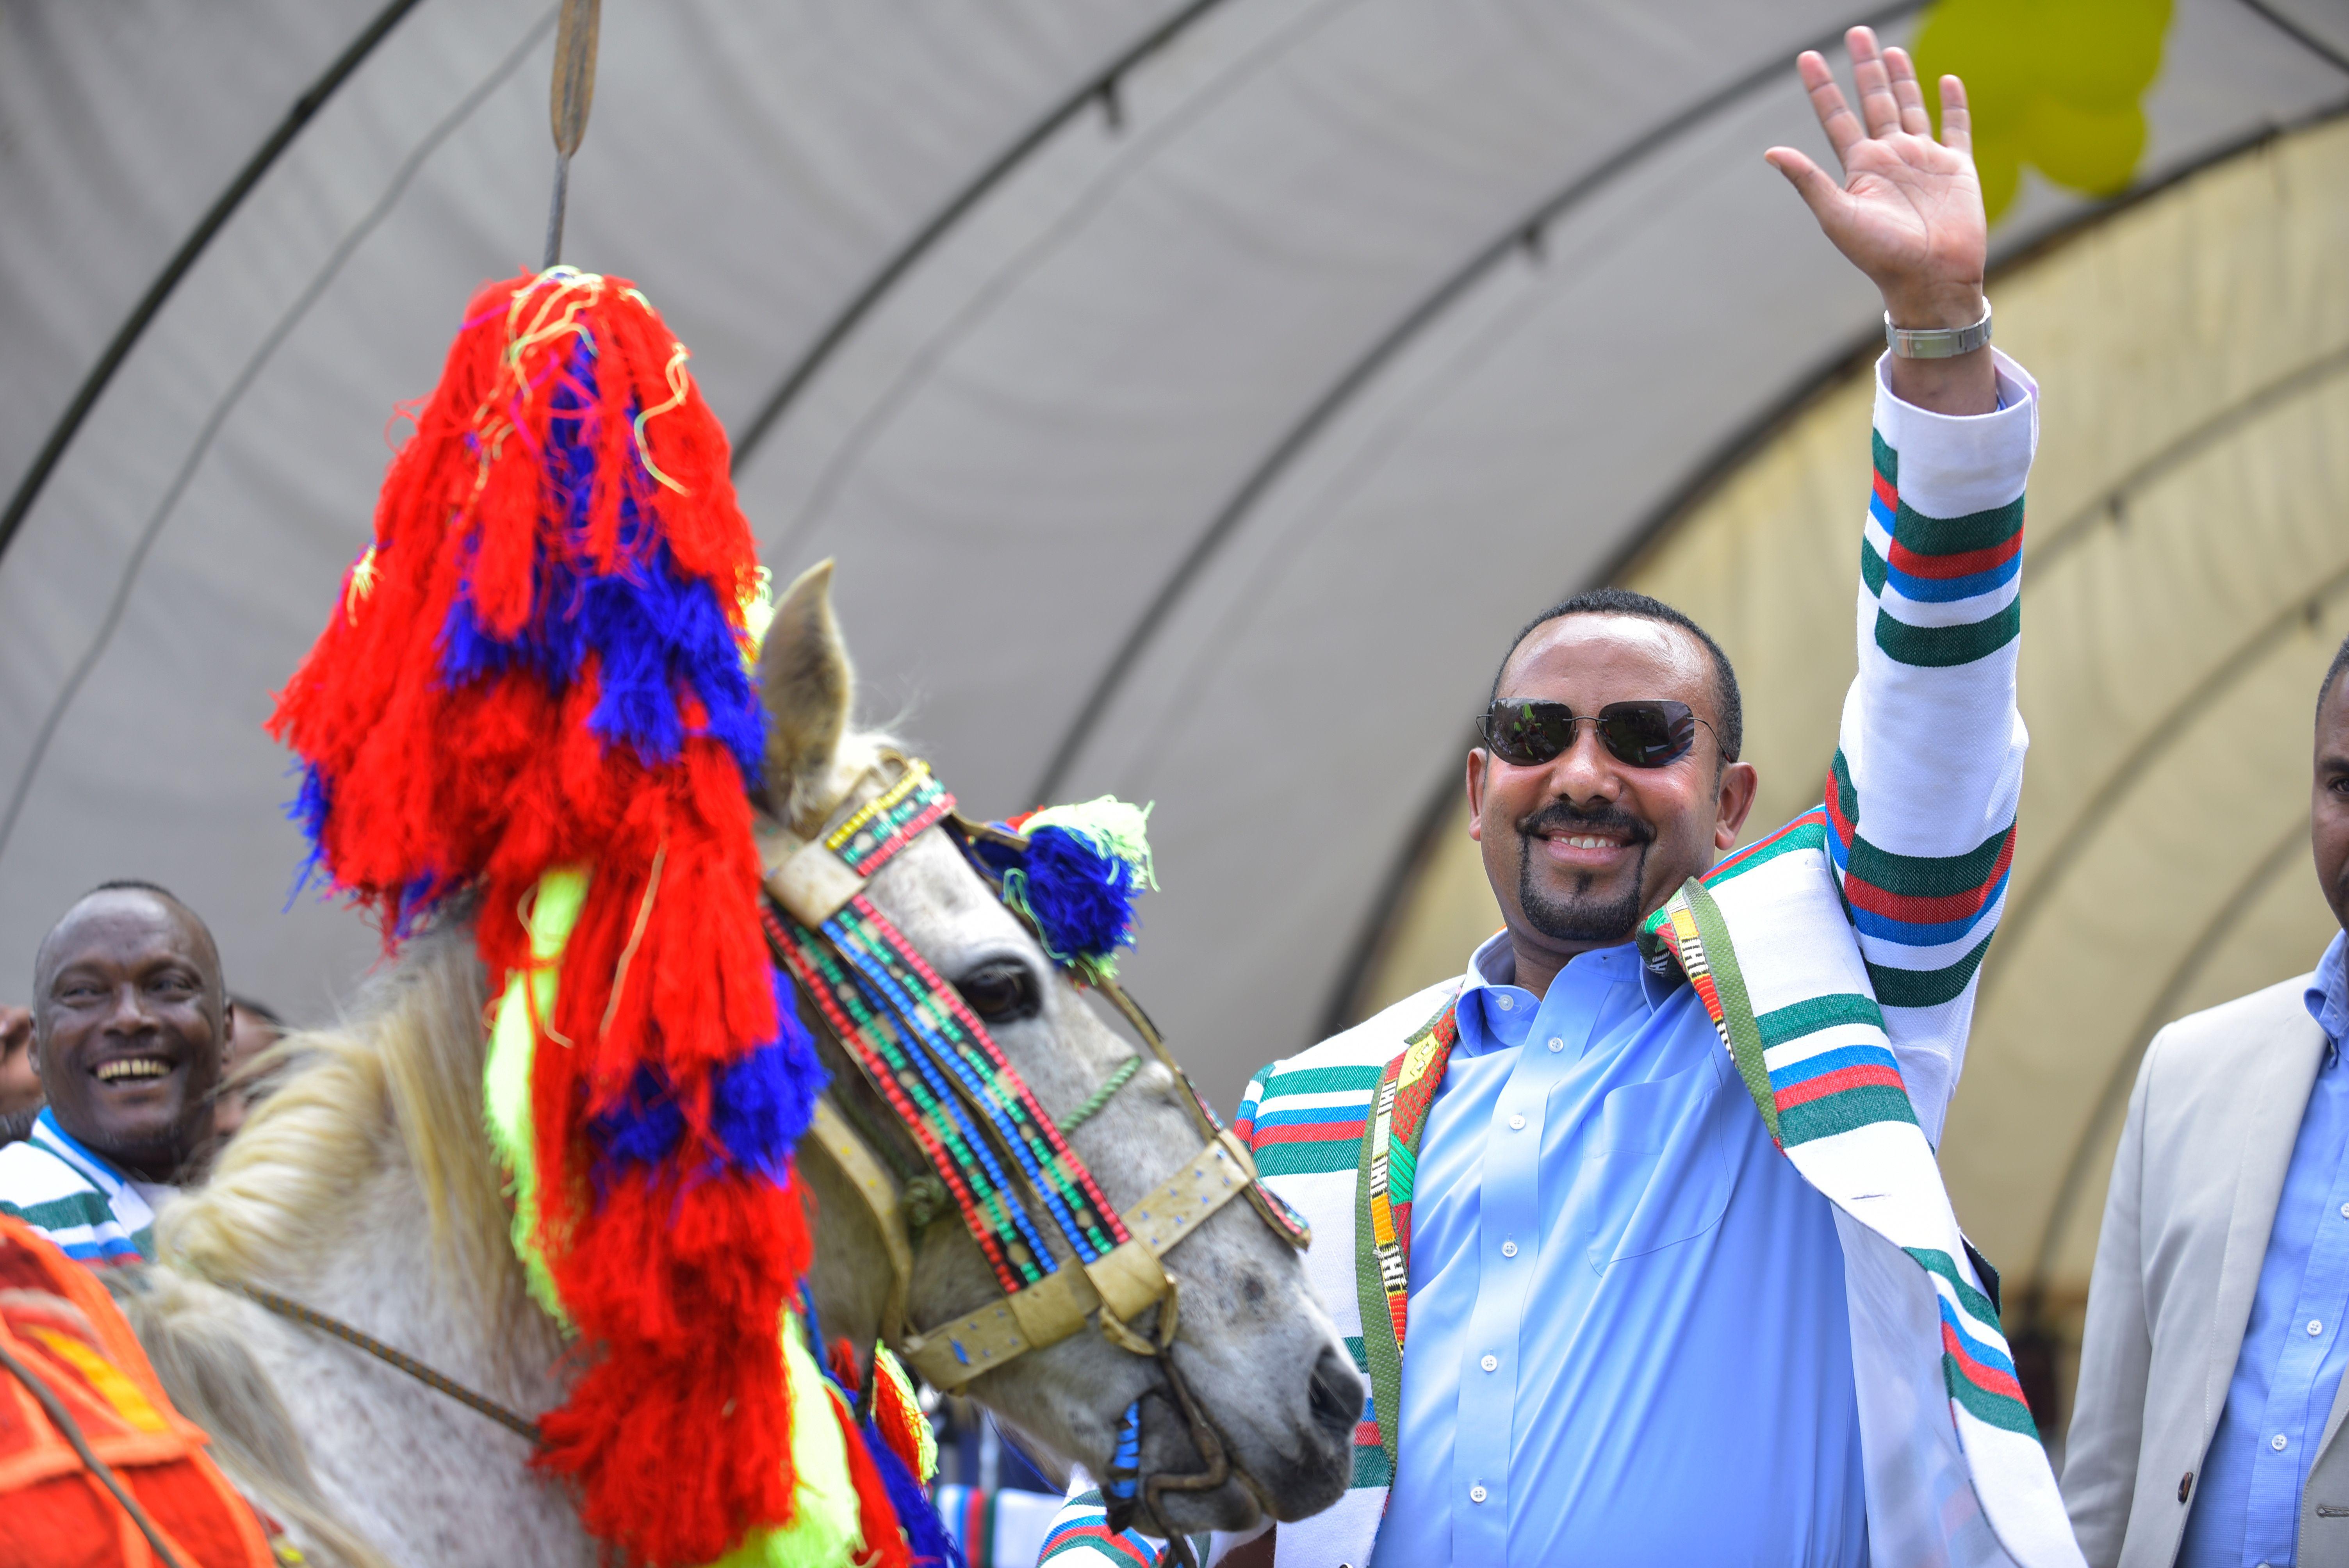 آبي أحمد يتلقى حصانا هدية من ممثلي عرقية كافيتشو في 15 سبتمبر/أيلول 2019